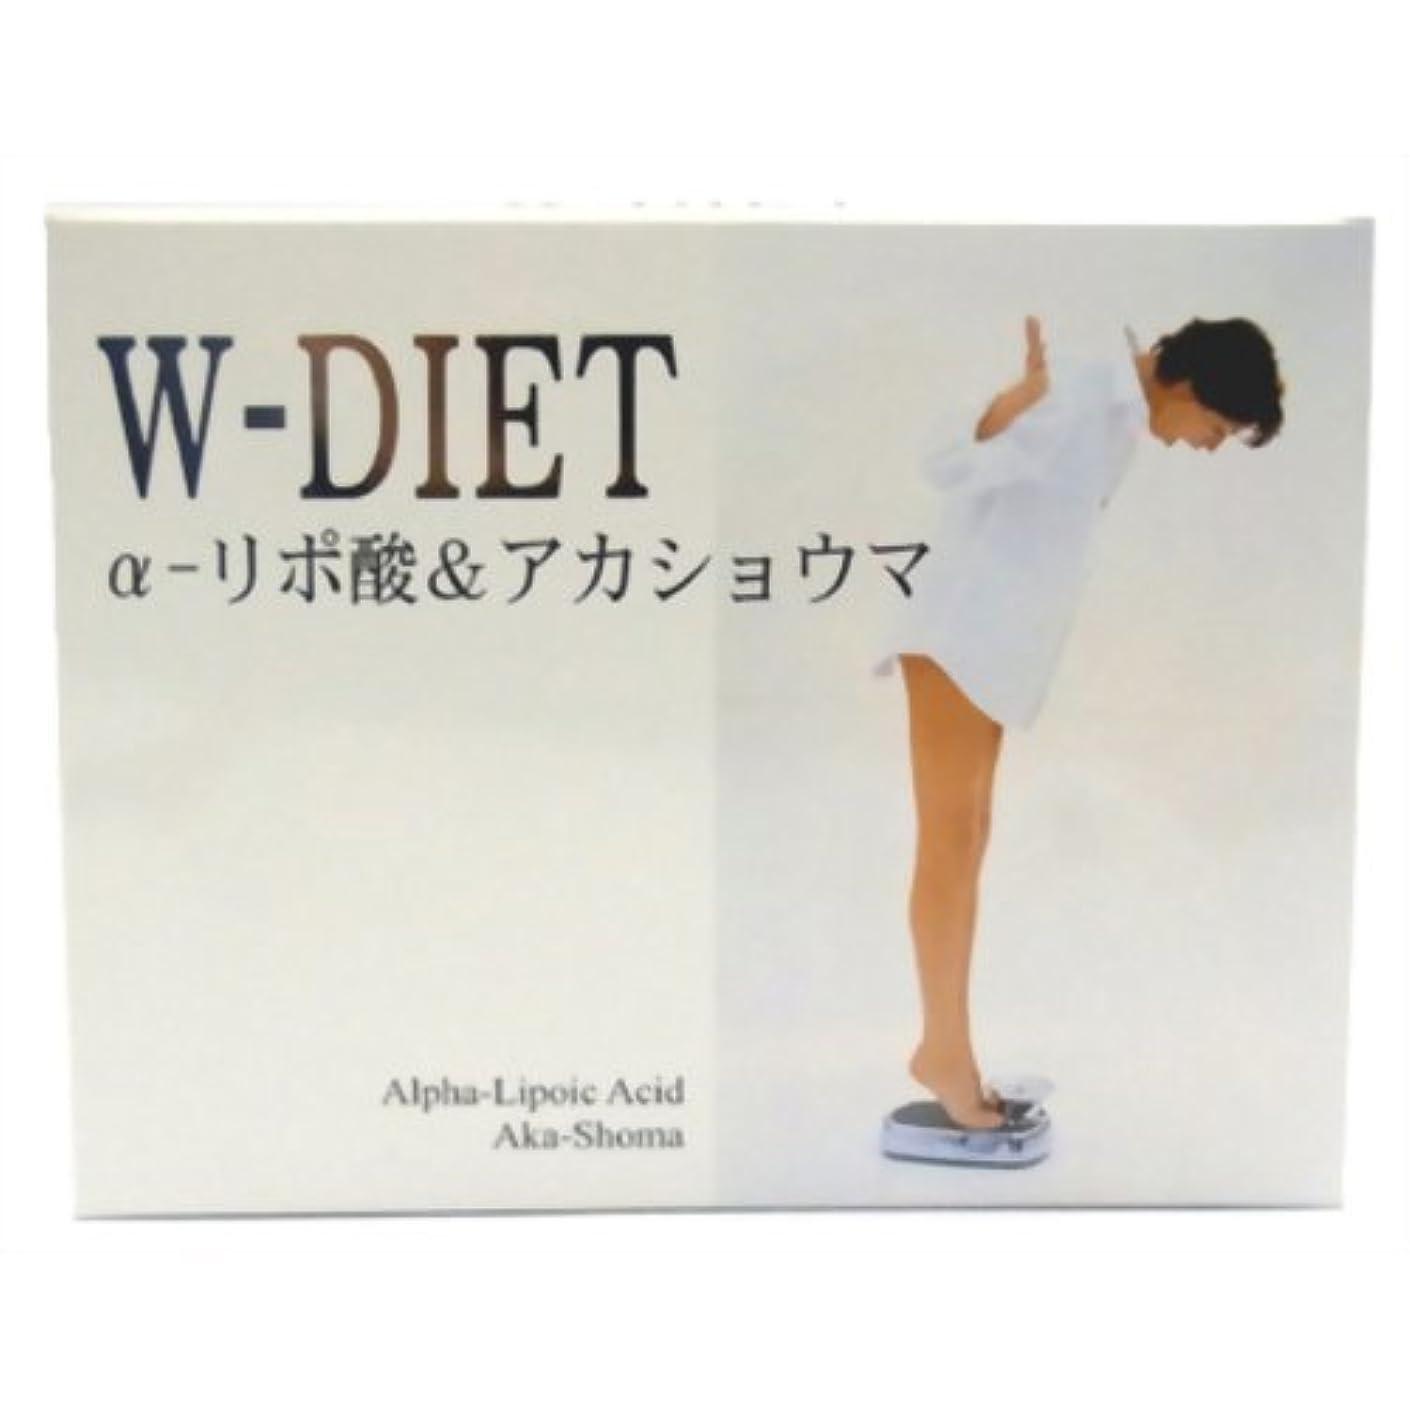 最適密接に制約W-DIET 60粒